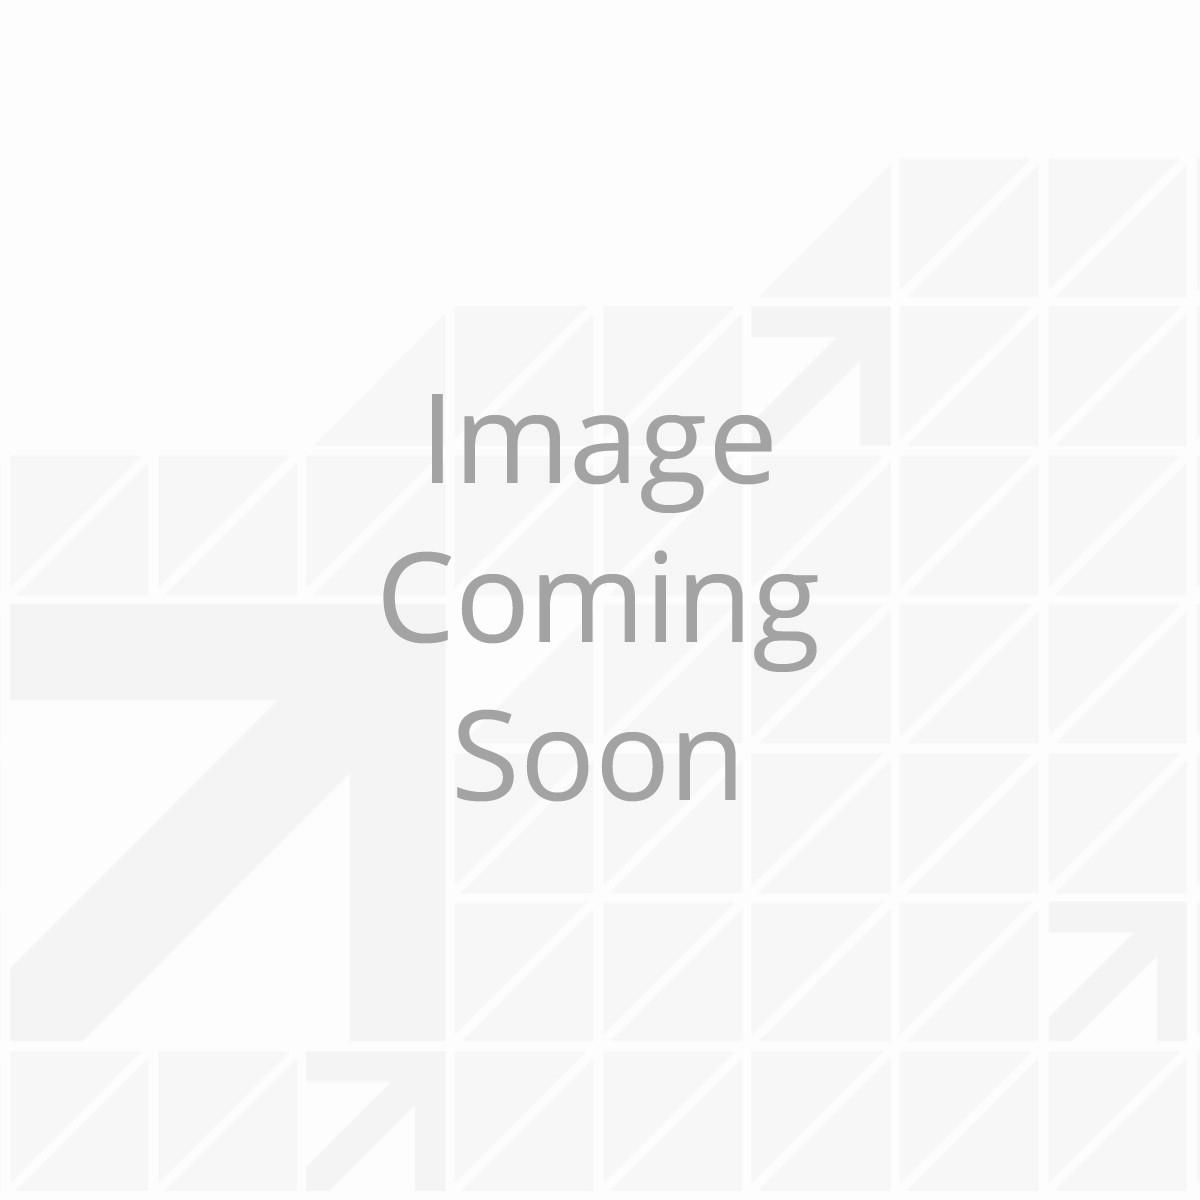 idler-hub-assembly-2-200-5-5-hfd-5-4-5-bolt-pattern-1-2-stud-size